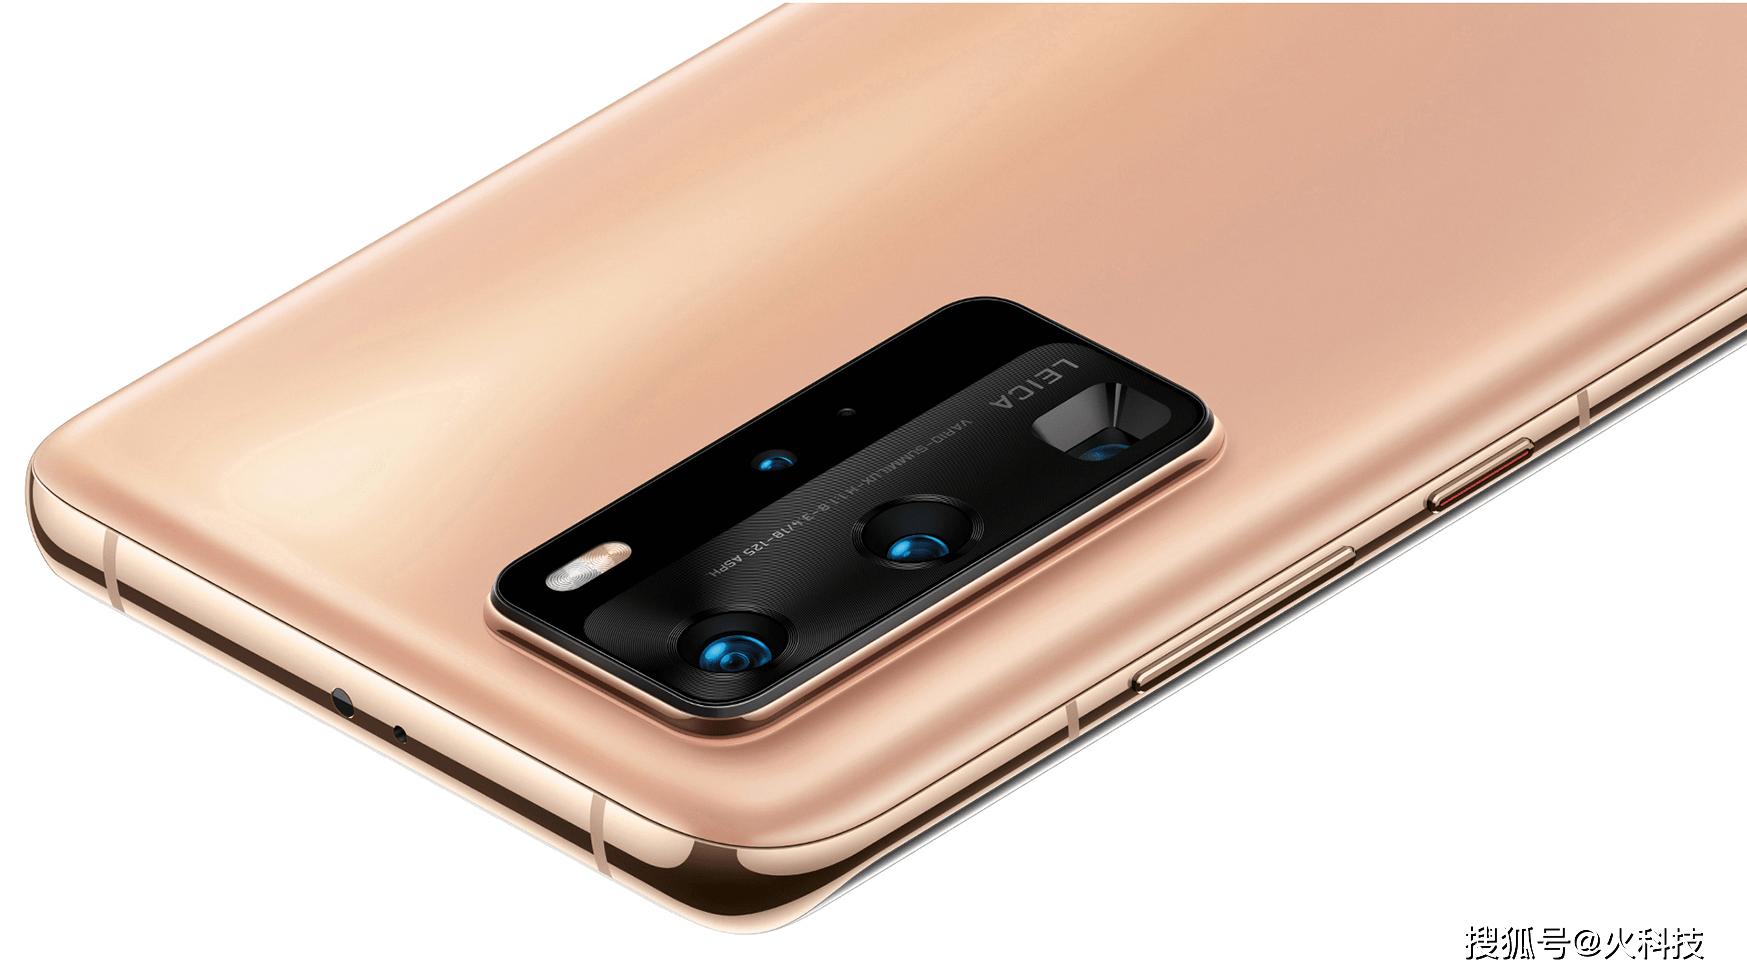 原创            鸿蒙系统+麒麟5纳米芯片,明年的华为P50手机你期待吗?